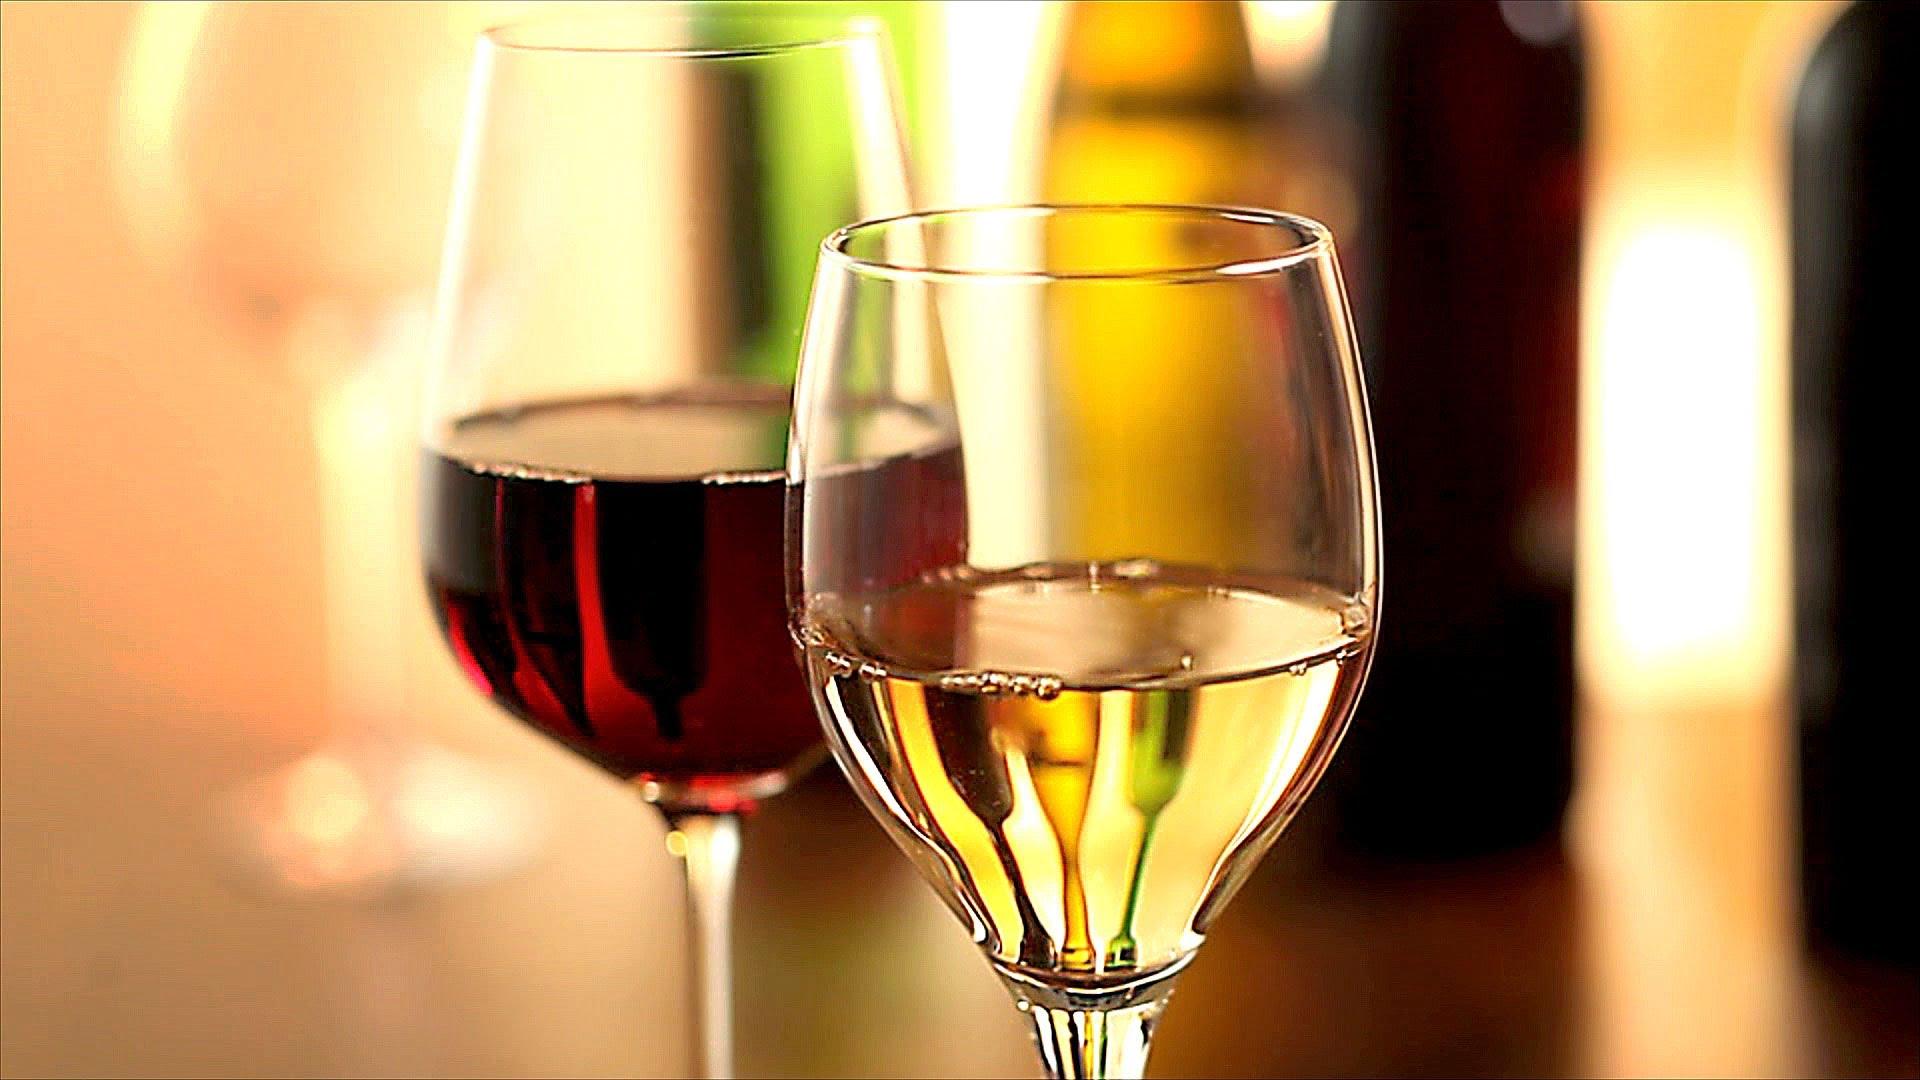 Vinul alb sau rosu. Care este mai sanatos?